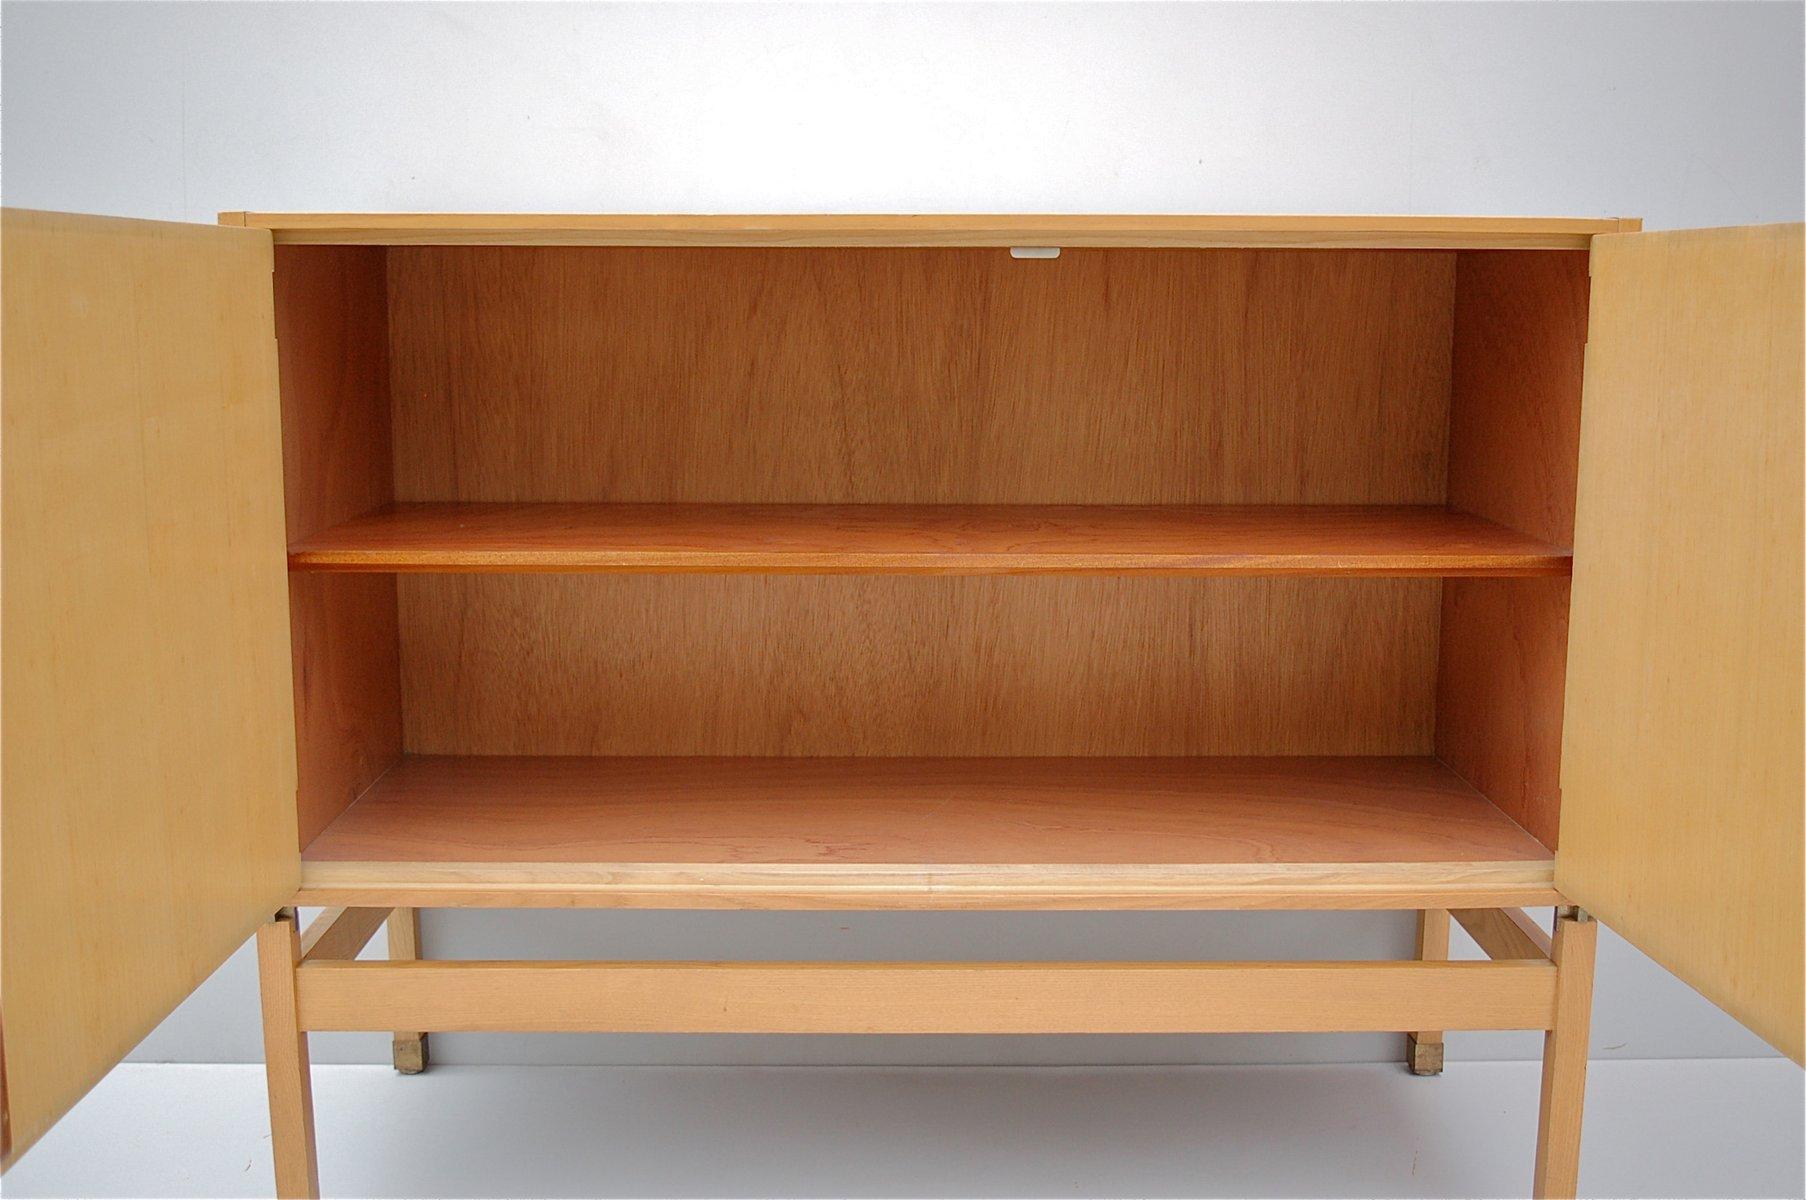 zitronenbaum furnier sideboard von pieter de bruyne 1959. Black Bedroom Furniture Sets. Home Design Ideas